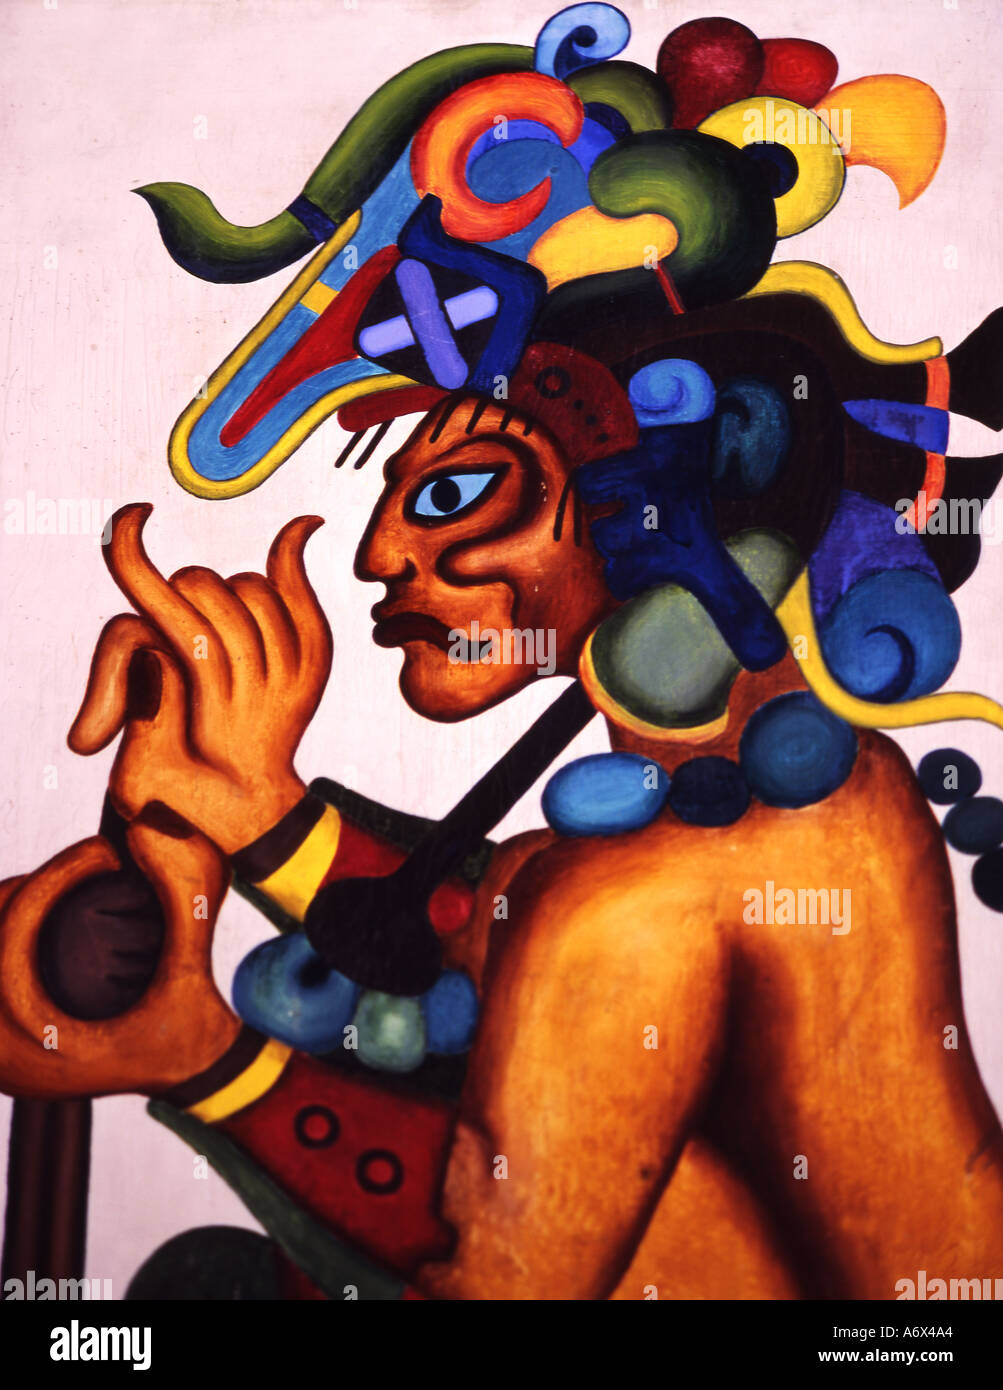 Guatemala mayan figure - Stock Image